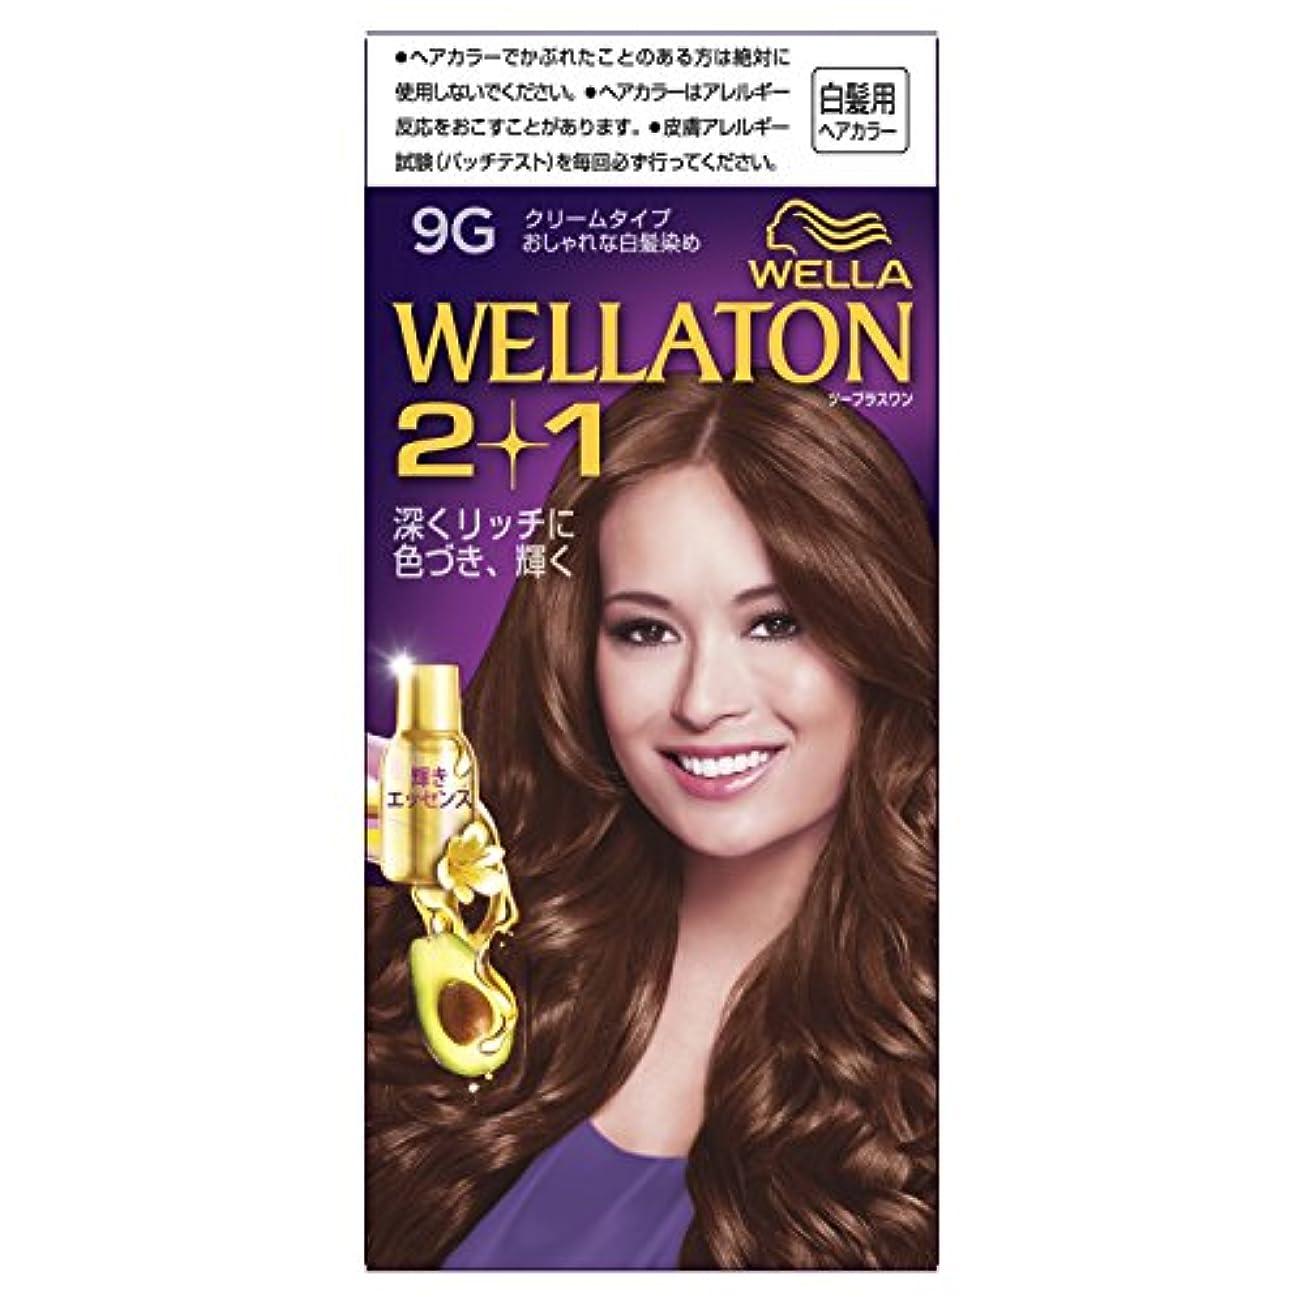 守る効率的縮れたウエラトーン2+1 クリームタイプ 9G [医薬部外品](おしゃれな白髪染め)